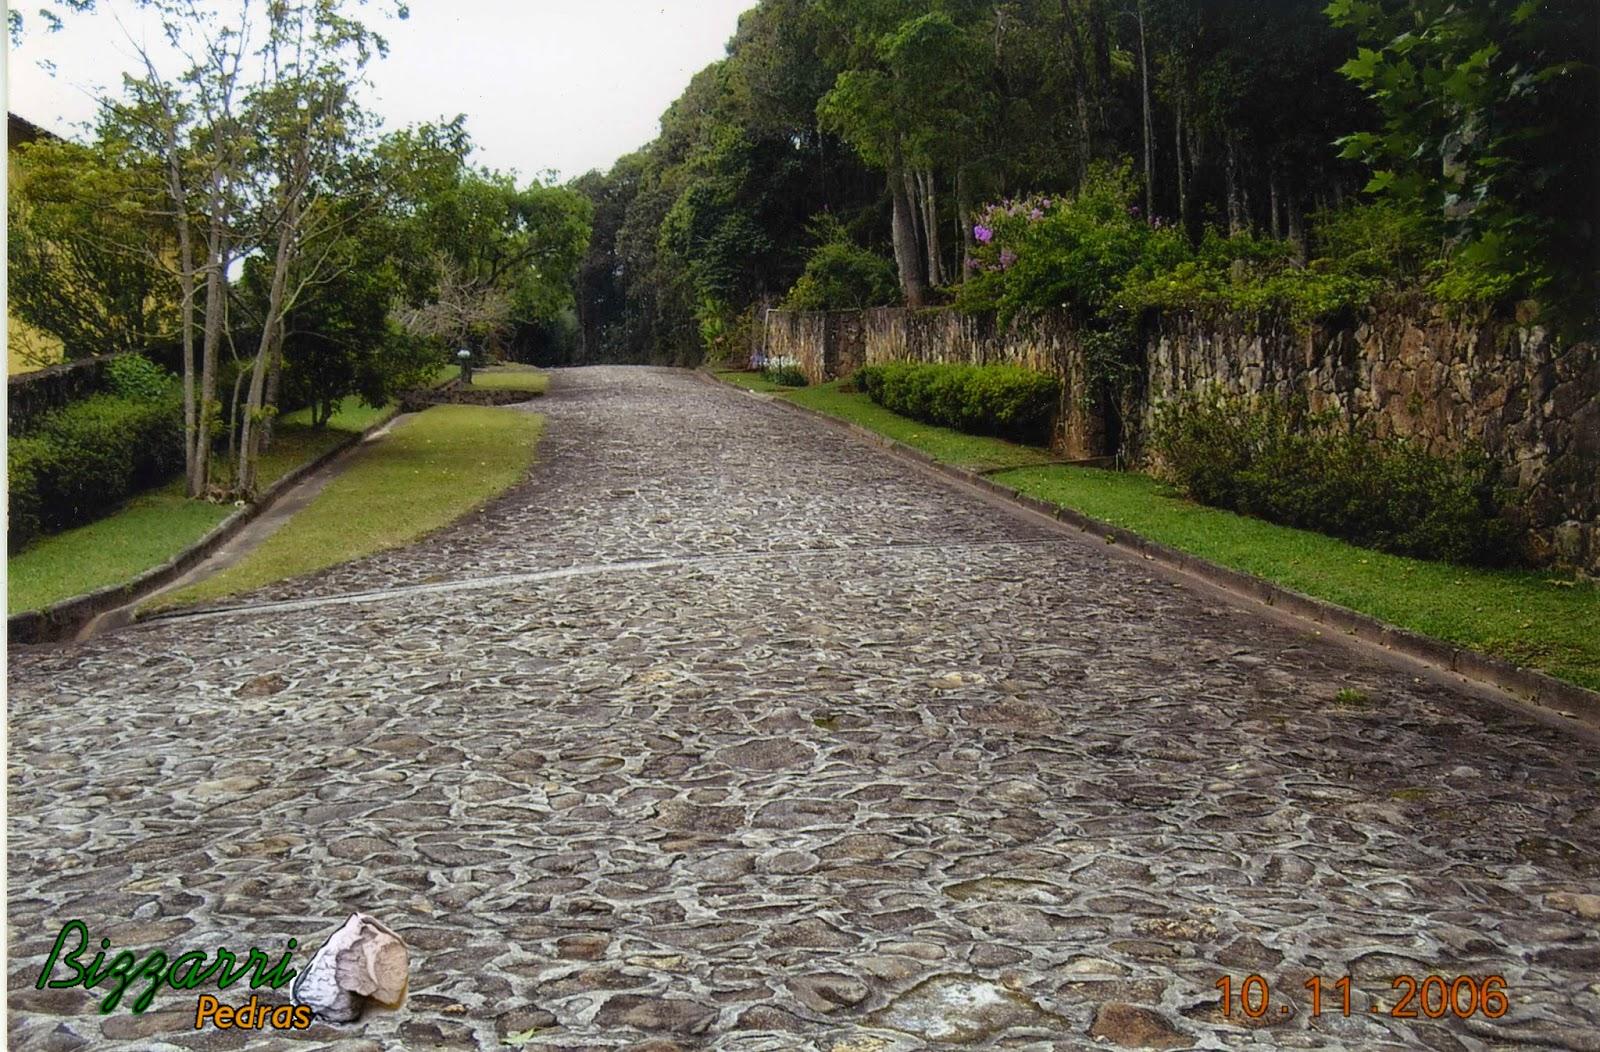 Execução do calçamento com pedra rústica na rua do condomínio Atibaia Clube da Montanha com a execução do paisagismo e o reflorestamento com mata nativa, isso a mais de 50 anos em uma área de mais de 2 milhões de m² de área preservada.